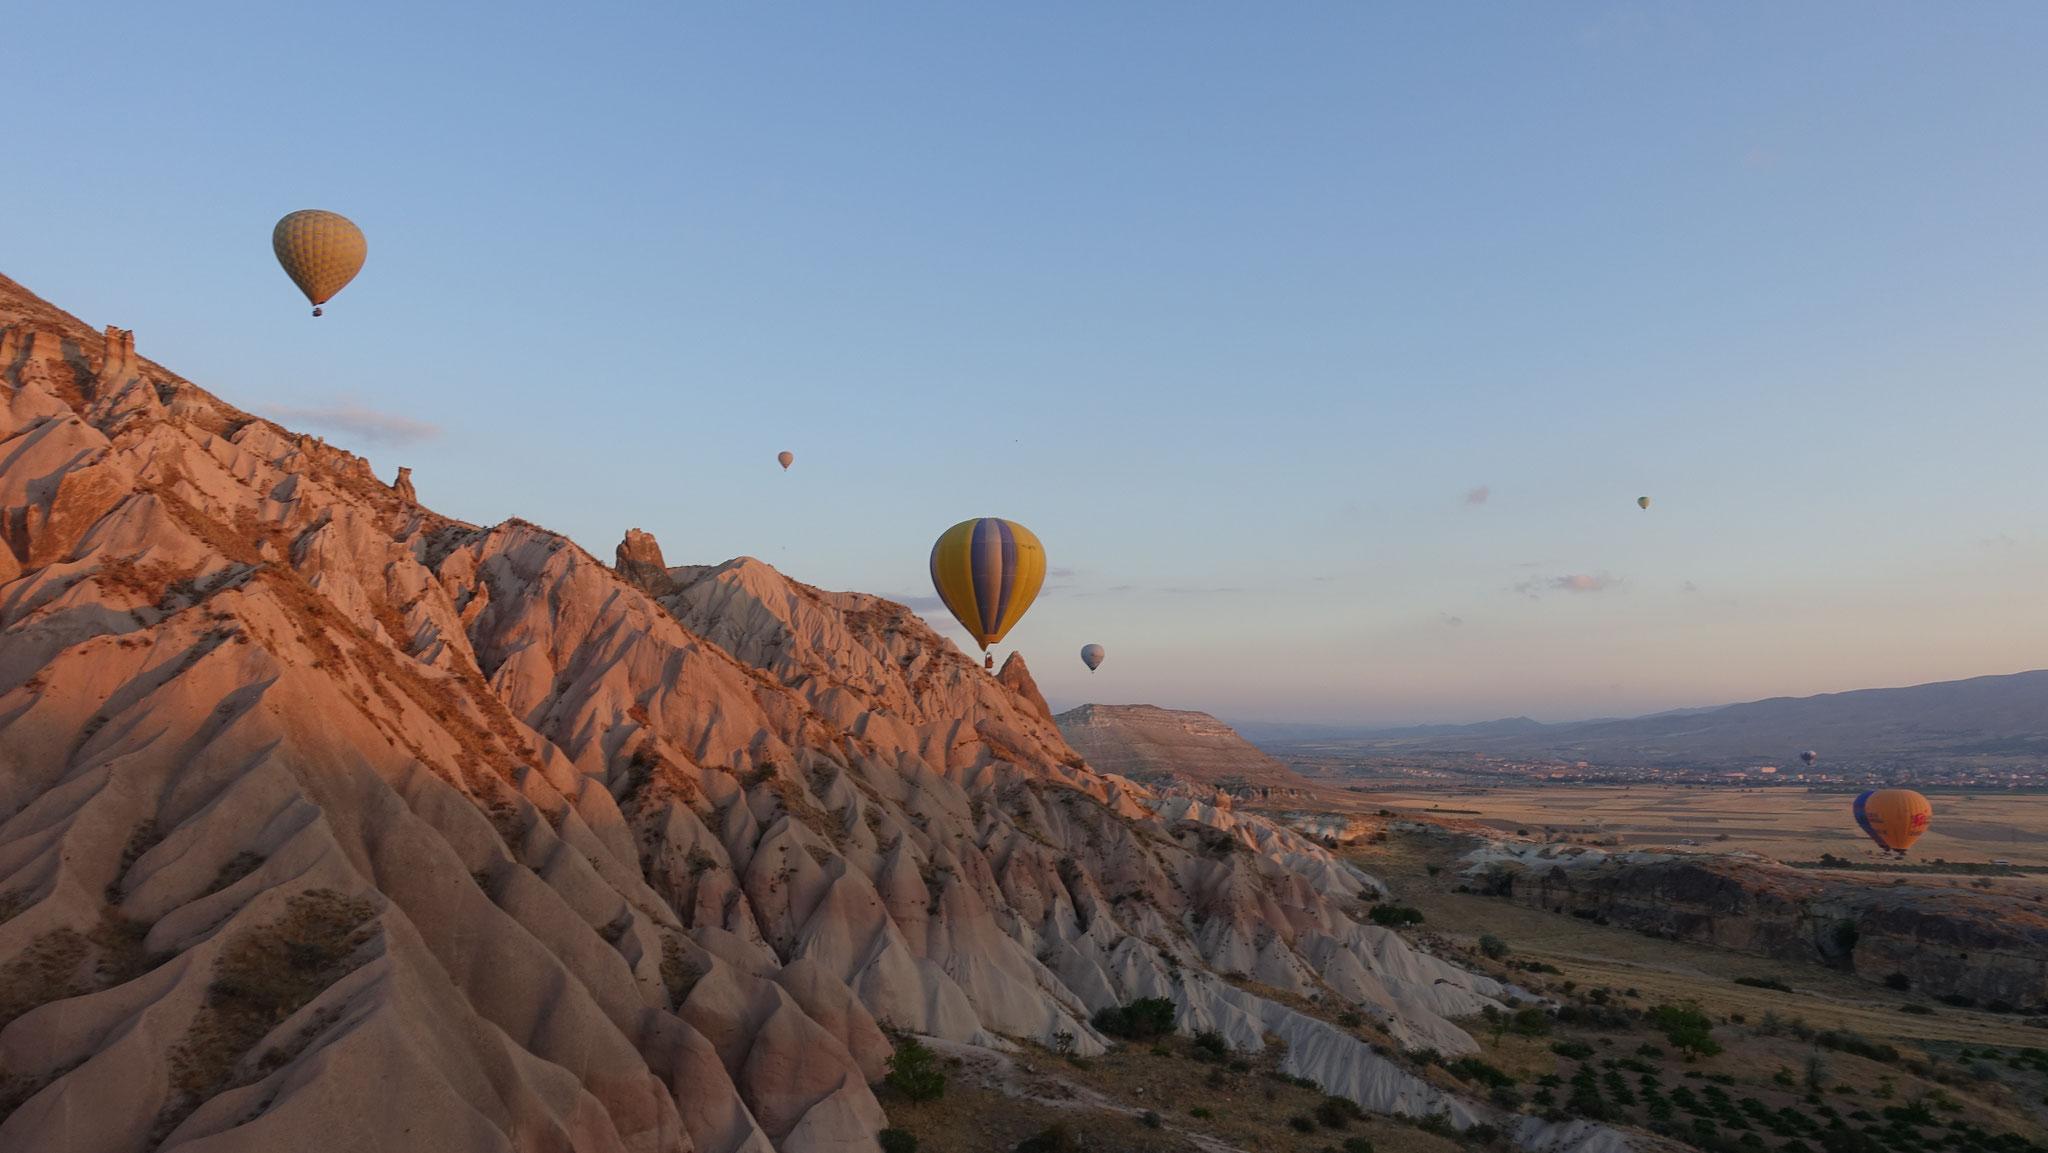 Gänsehaut pur bei der Ballonfahrt zum Sonnenaufgang